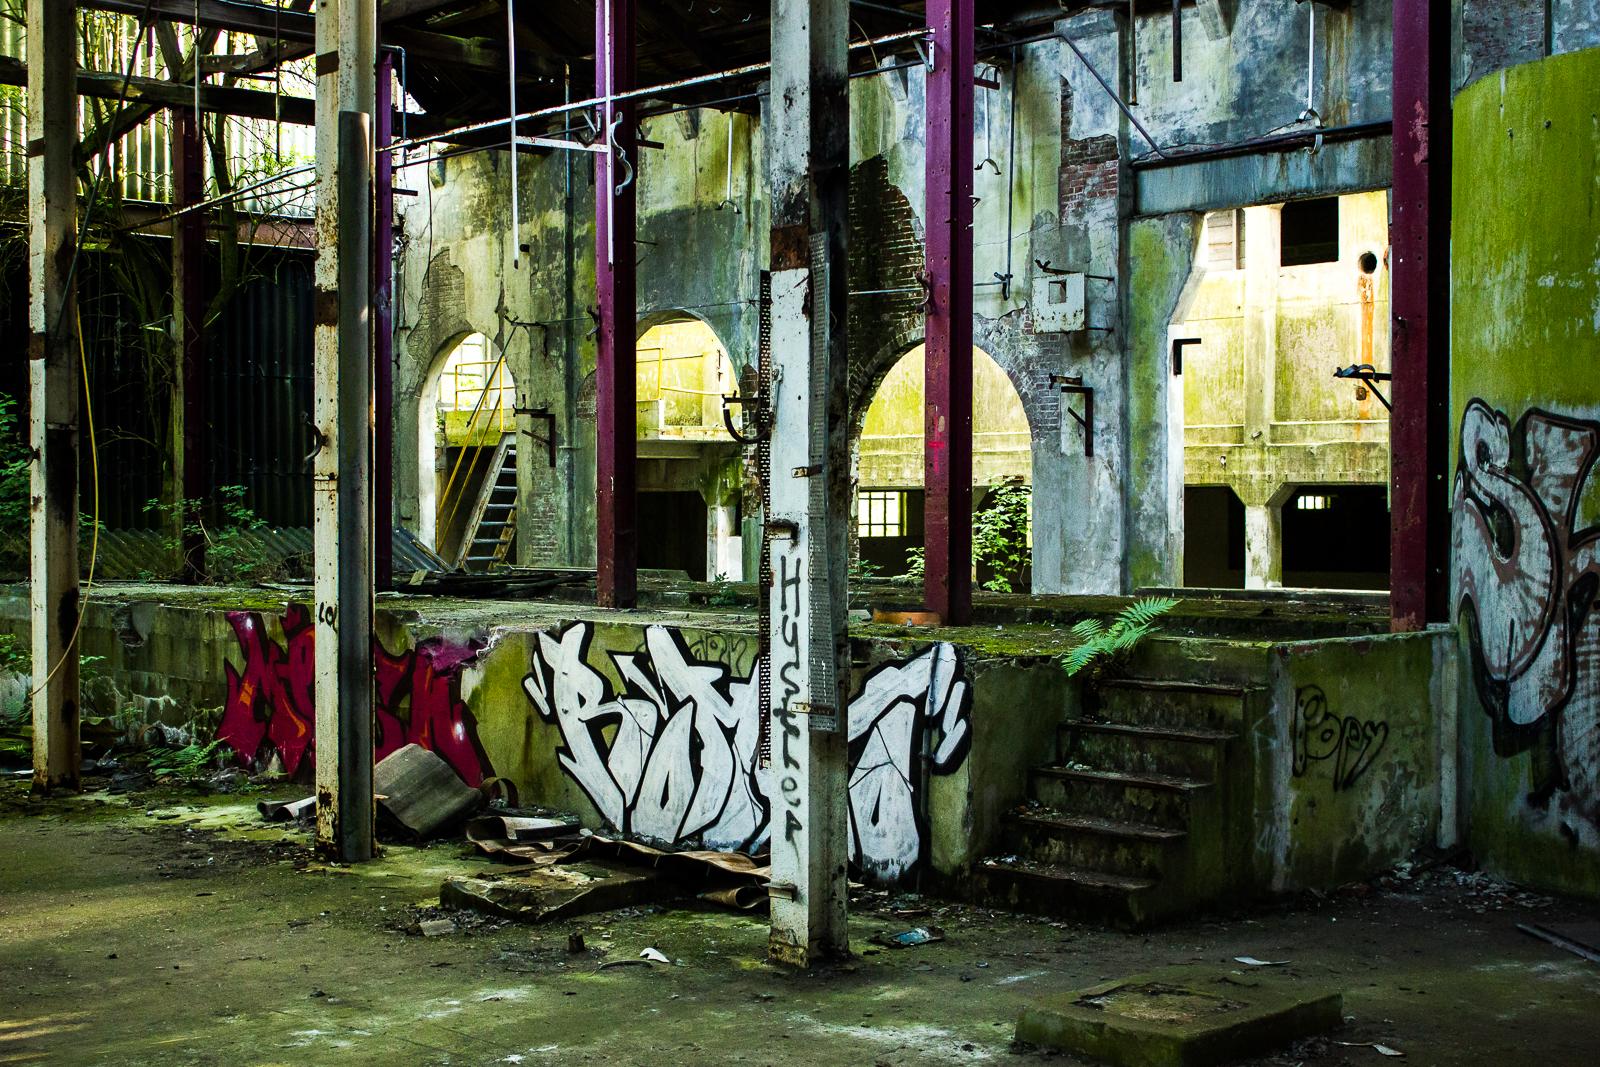 Een toneel van graffiti en beton.